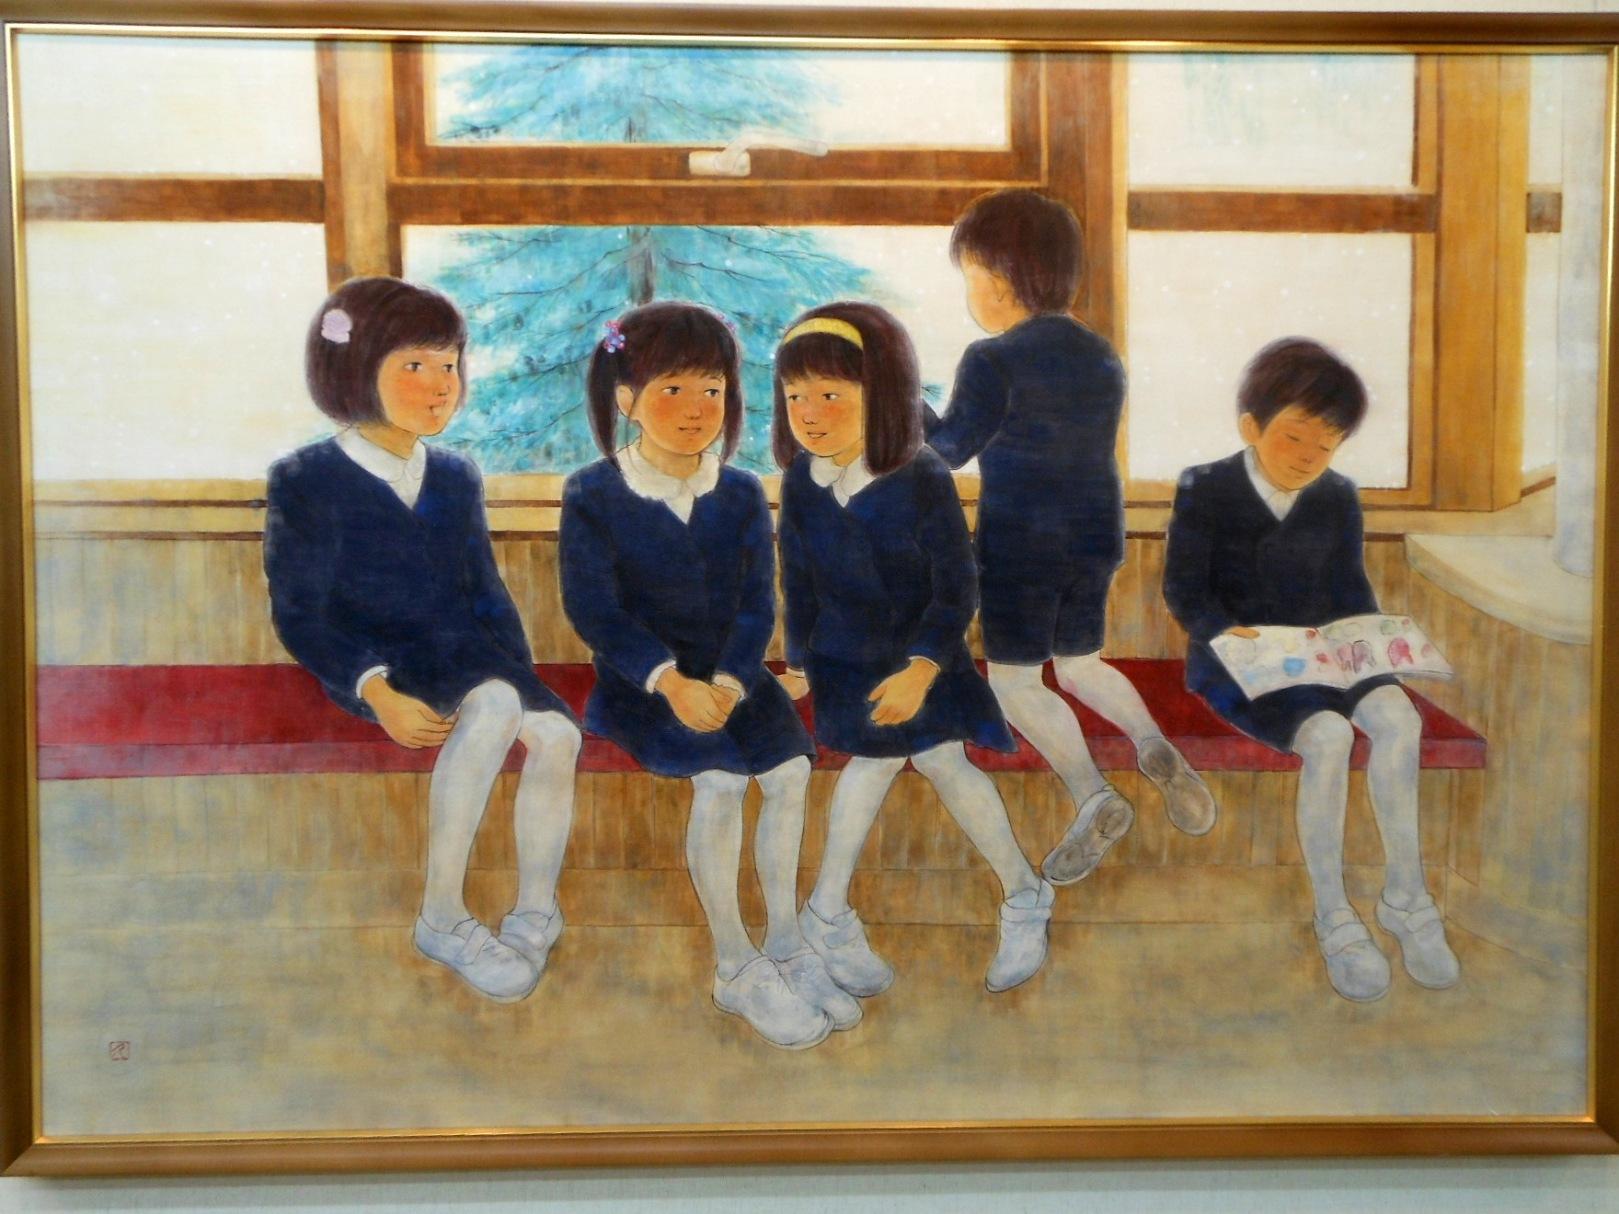 1773)②「北の日本画展 第27回」 時計台 終了5月21日(月)~5月26日(土)_f0126829_20545841.jpg